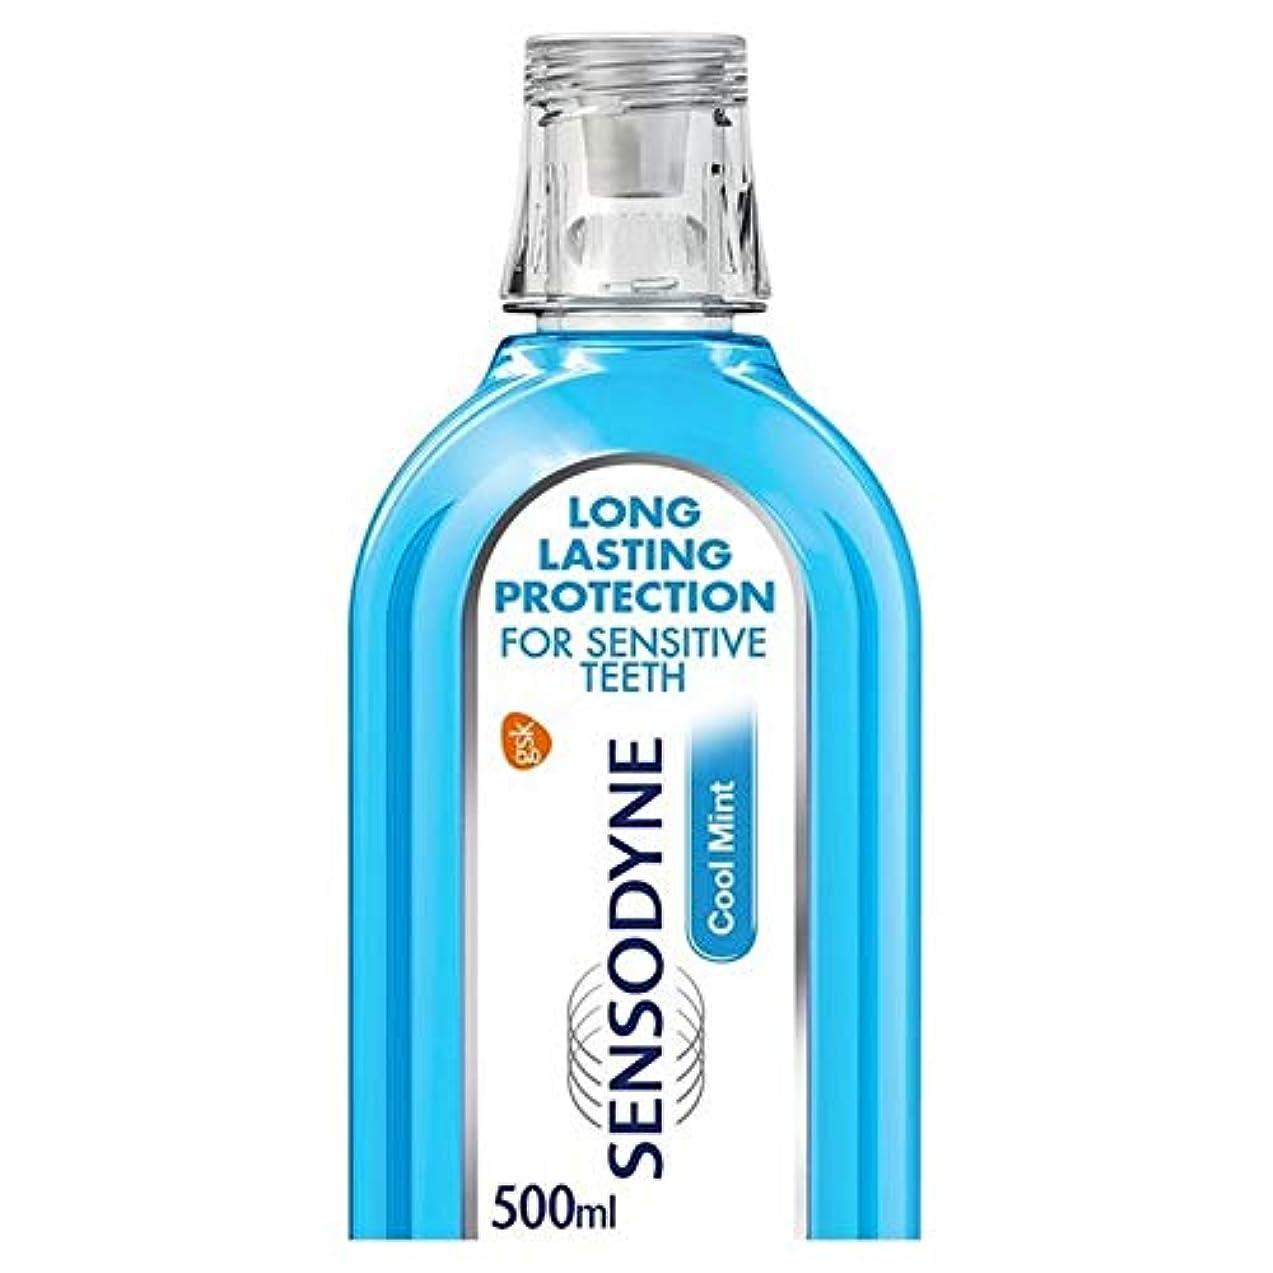 ビタミンオリエンテーション仮定する[Sensodyne] Sensodyneクールミント敏感ケアマウスウォッシュ500ミリリットル - Sensodyne Cool Mint Sensitive Care Mouthwash 500ml [並行輸入品]